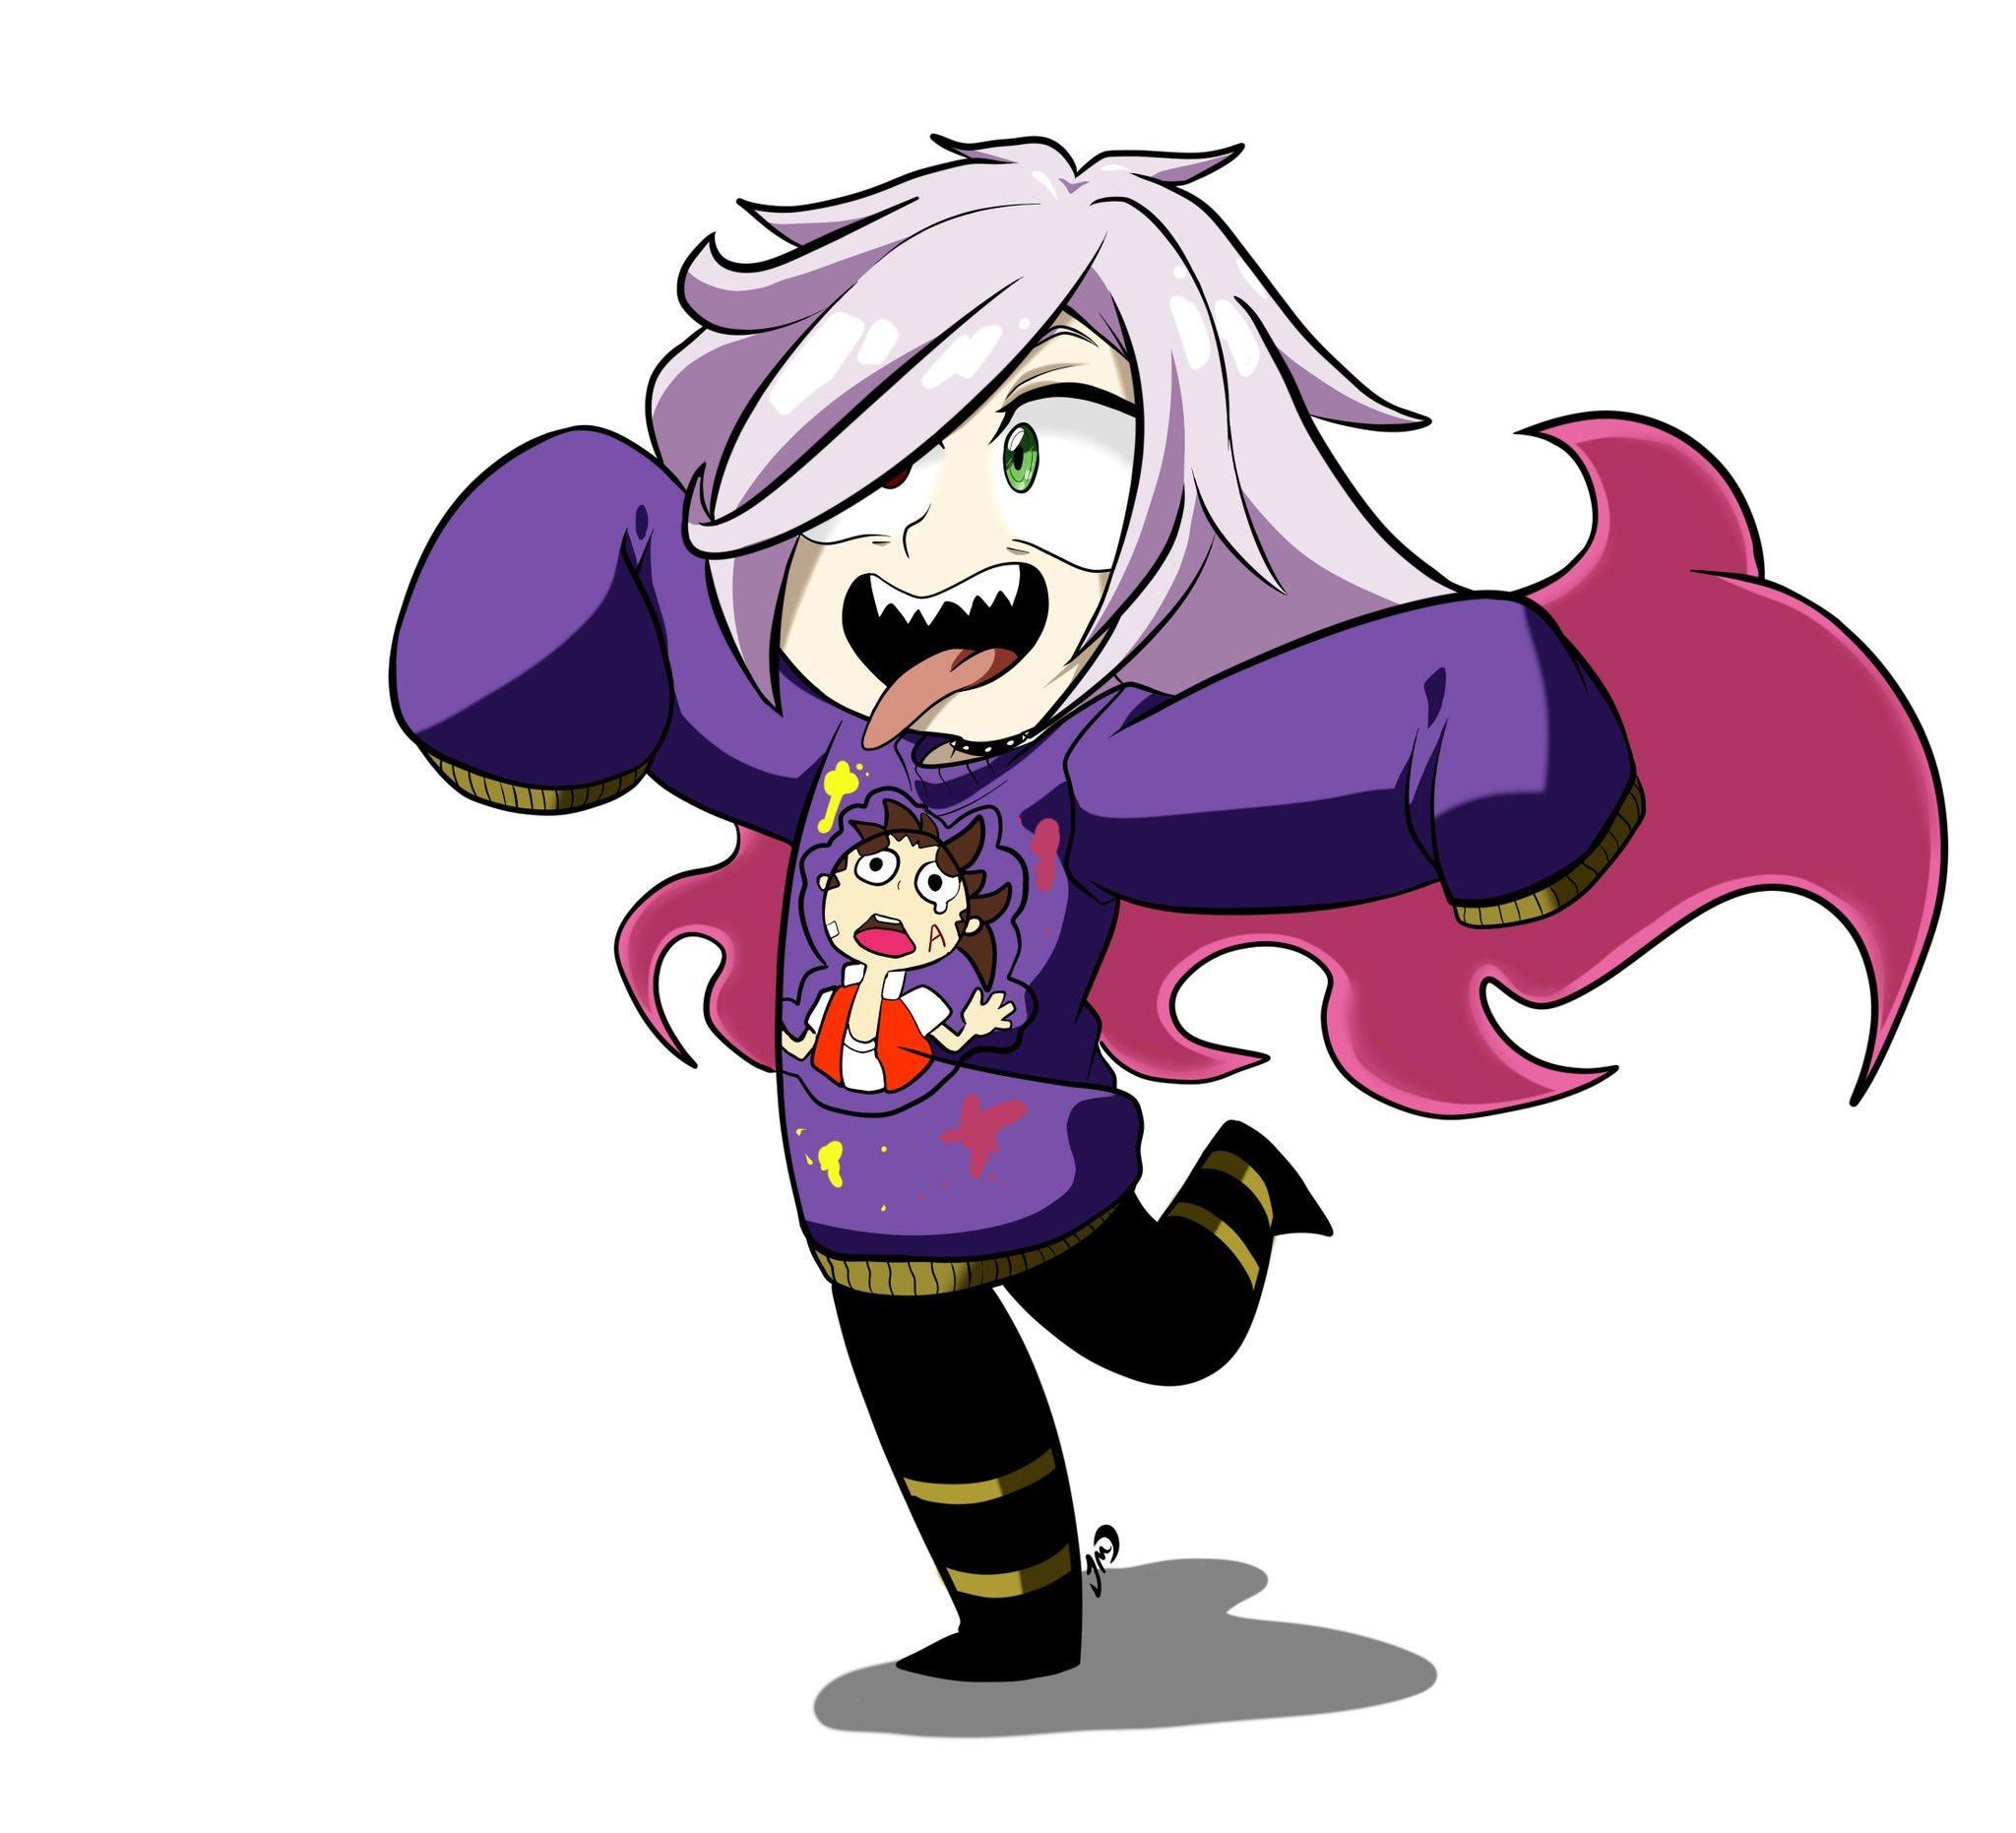 ZackthekillerYT's avatar